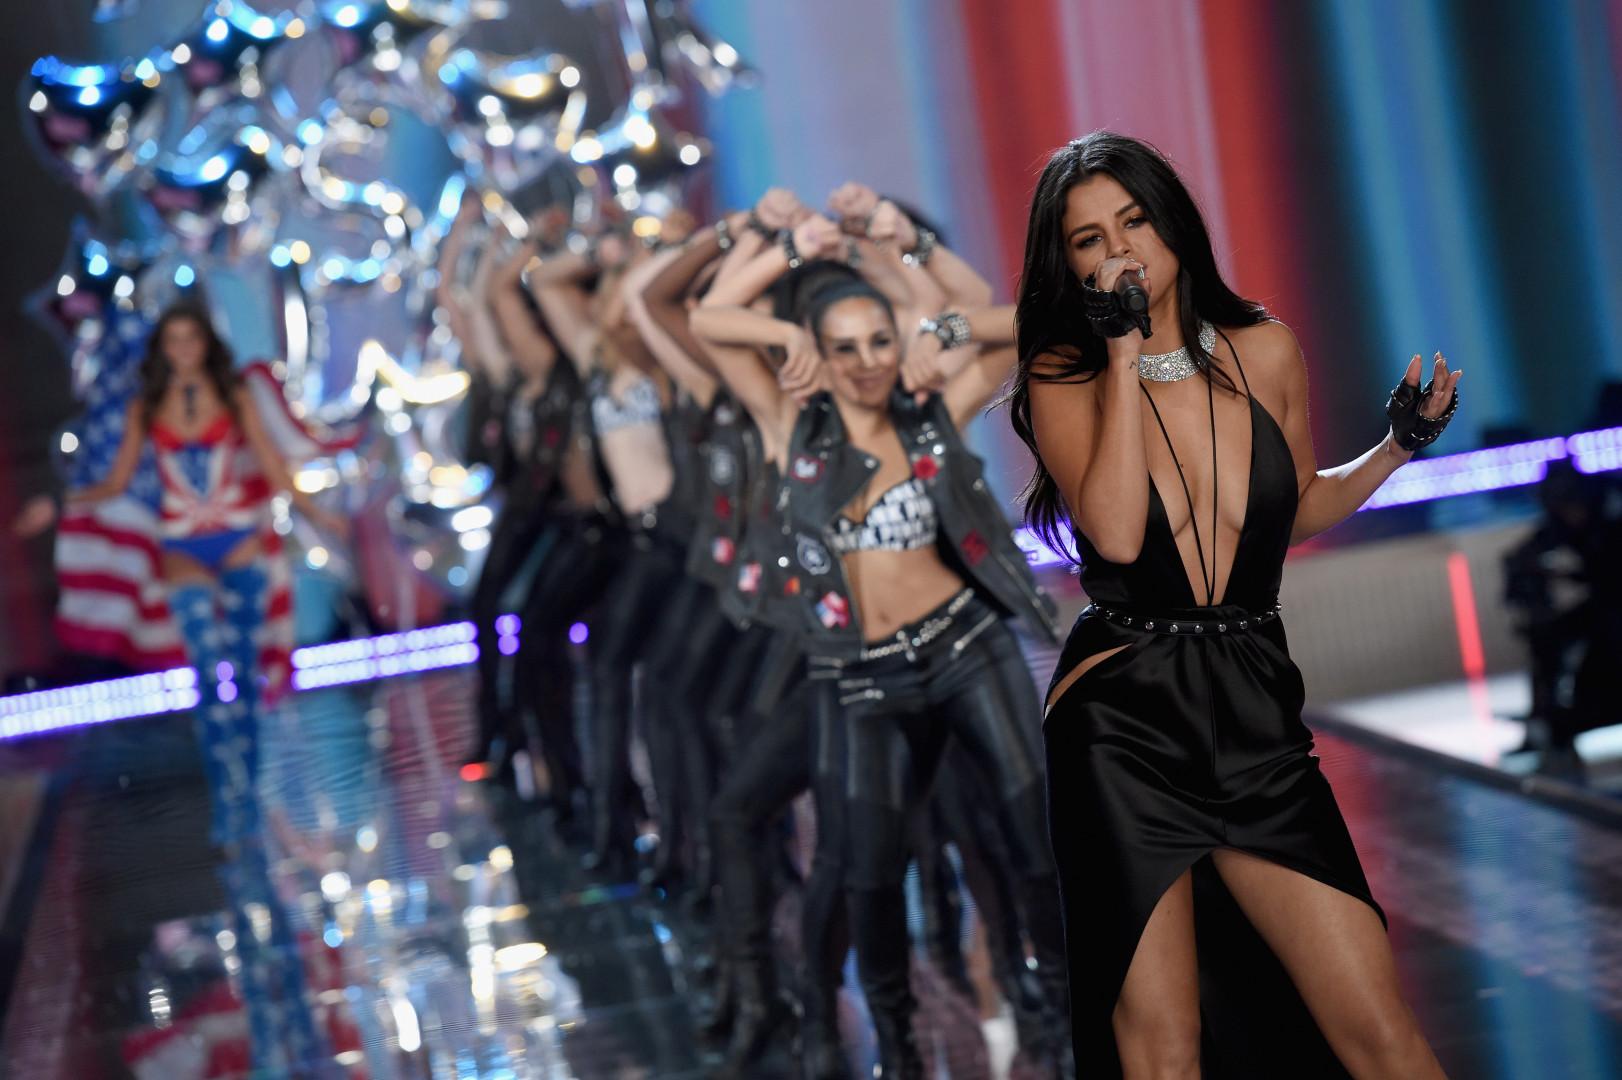 La chanteuse Selena Gomez a chanté pendant le défilé